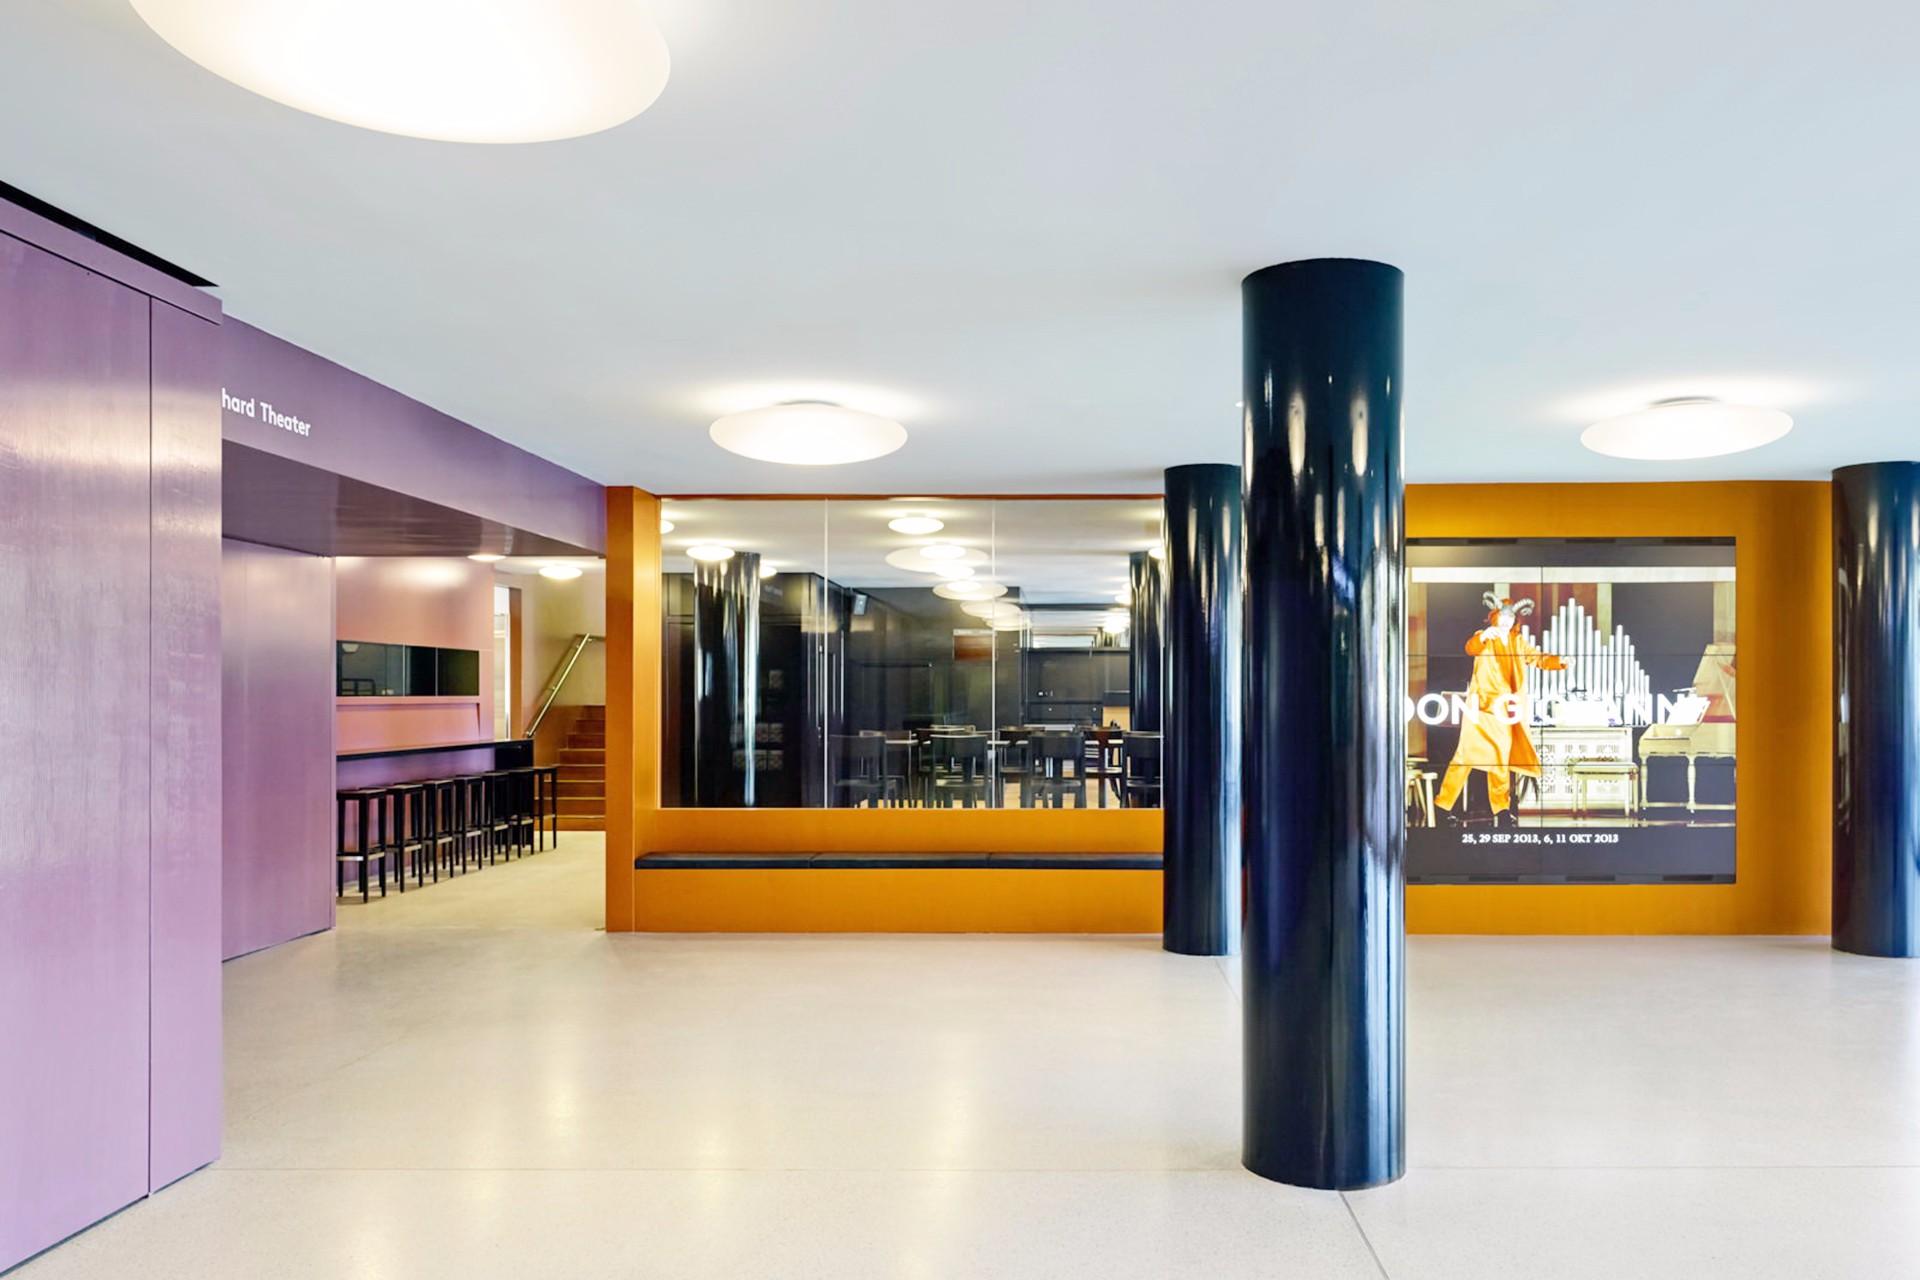 Bernhard-Theater Brandschutzverglasung Foyer